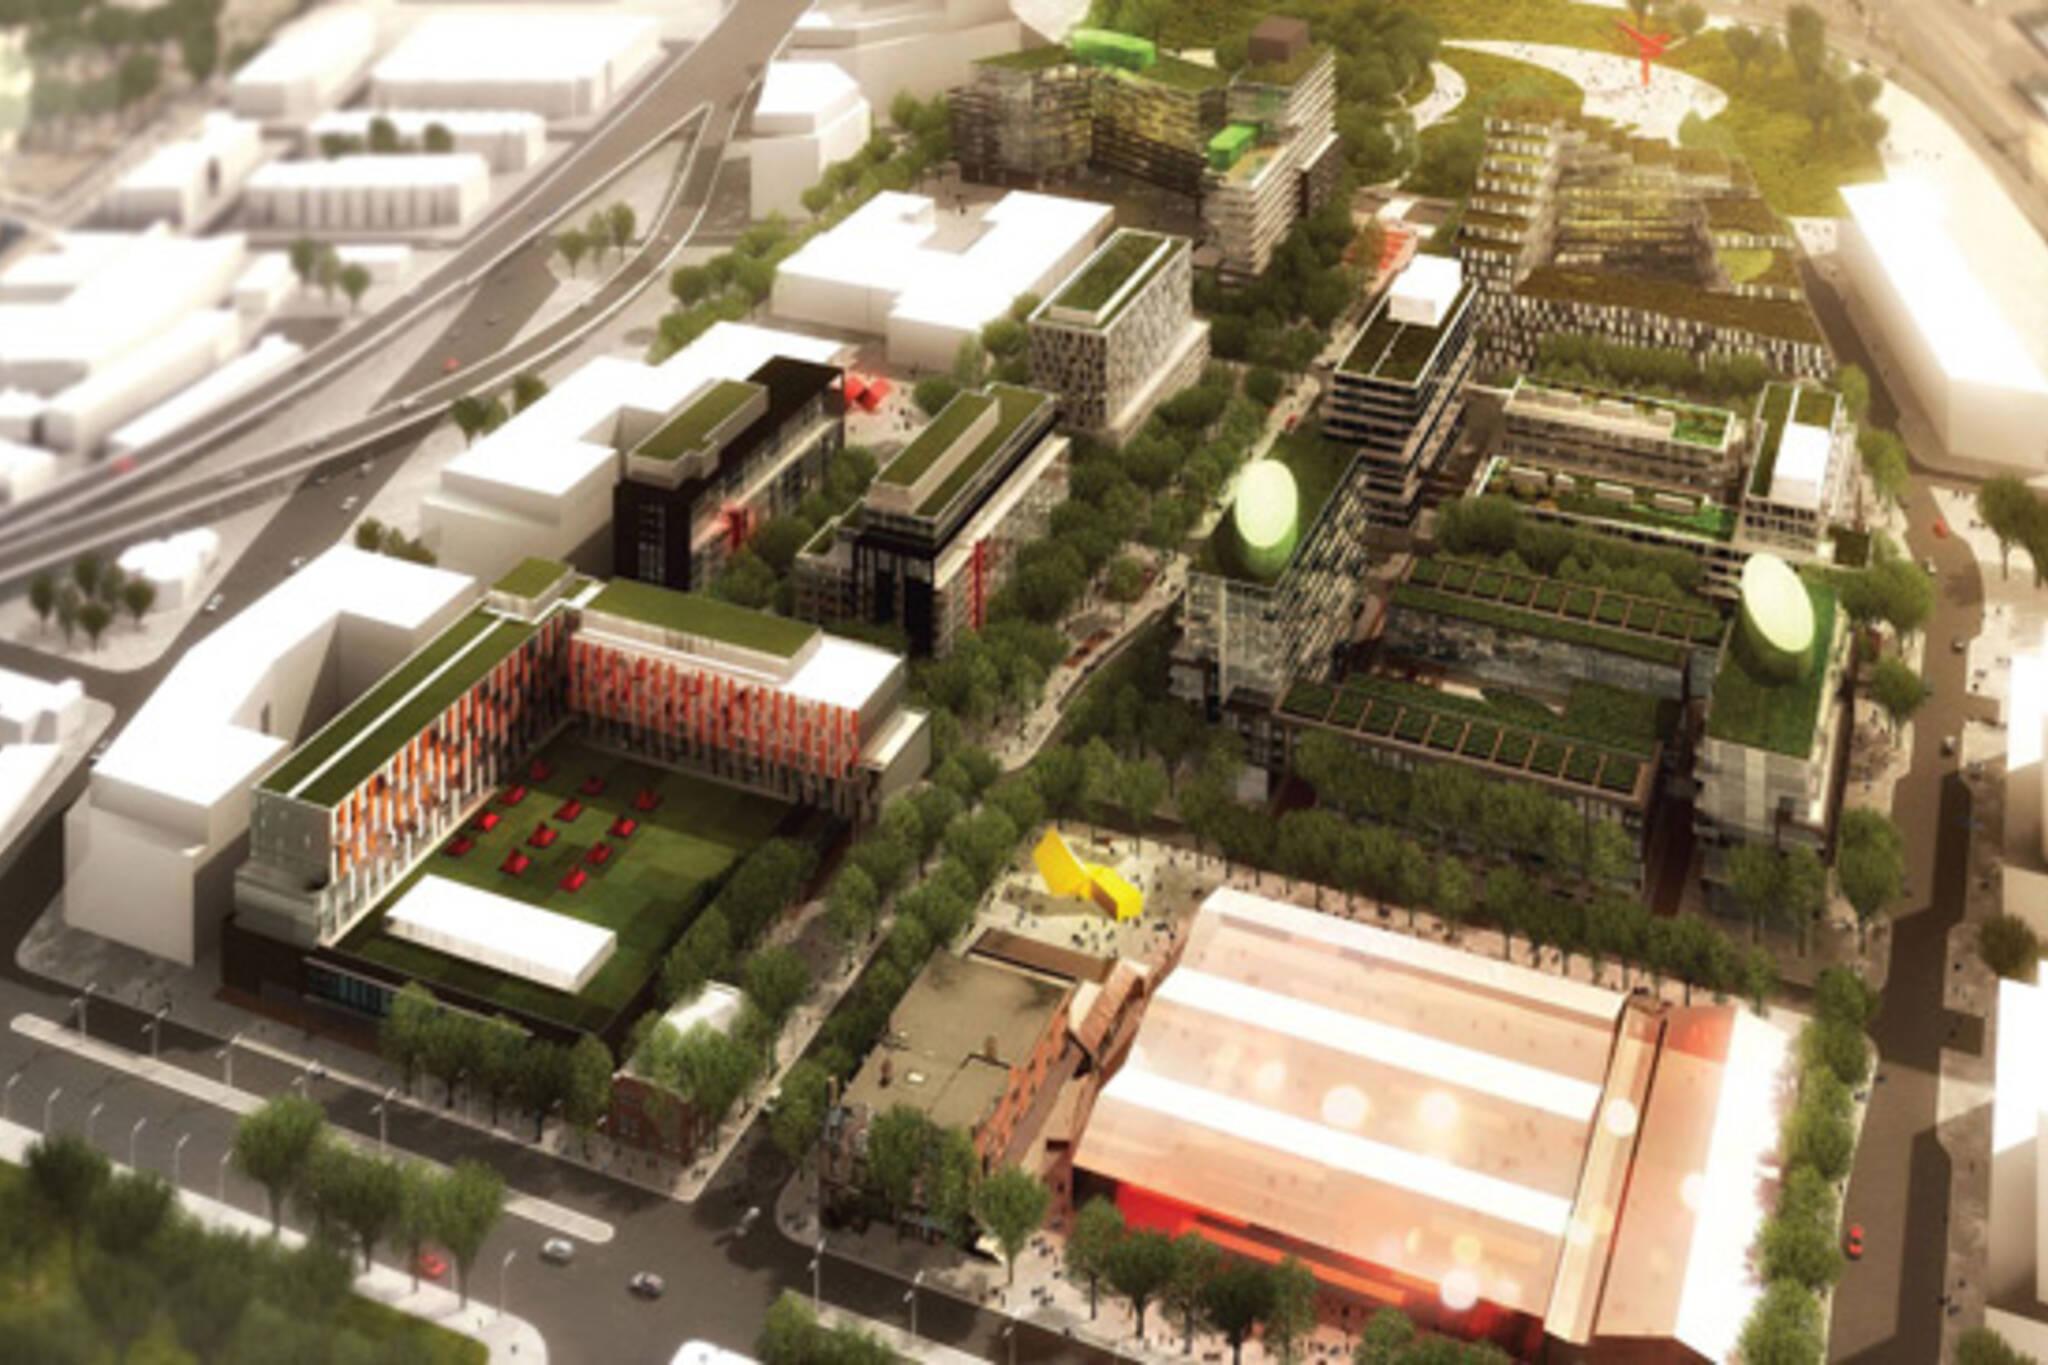 2012112-community_image_aerial_1.jpg